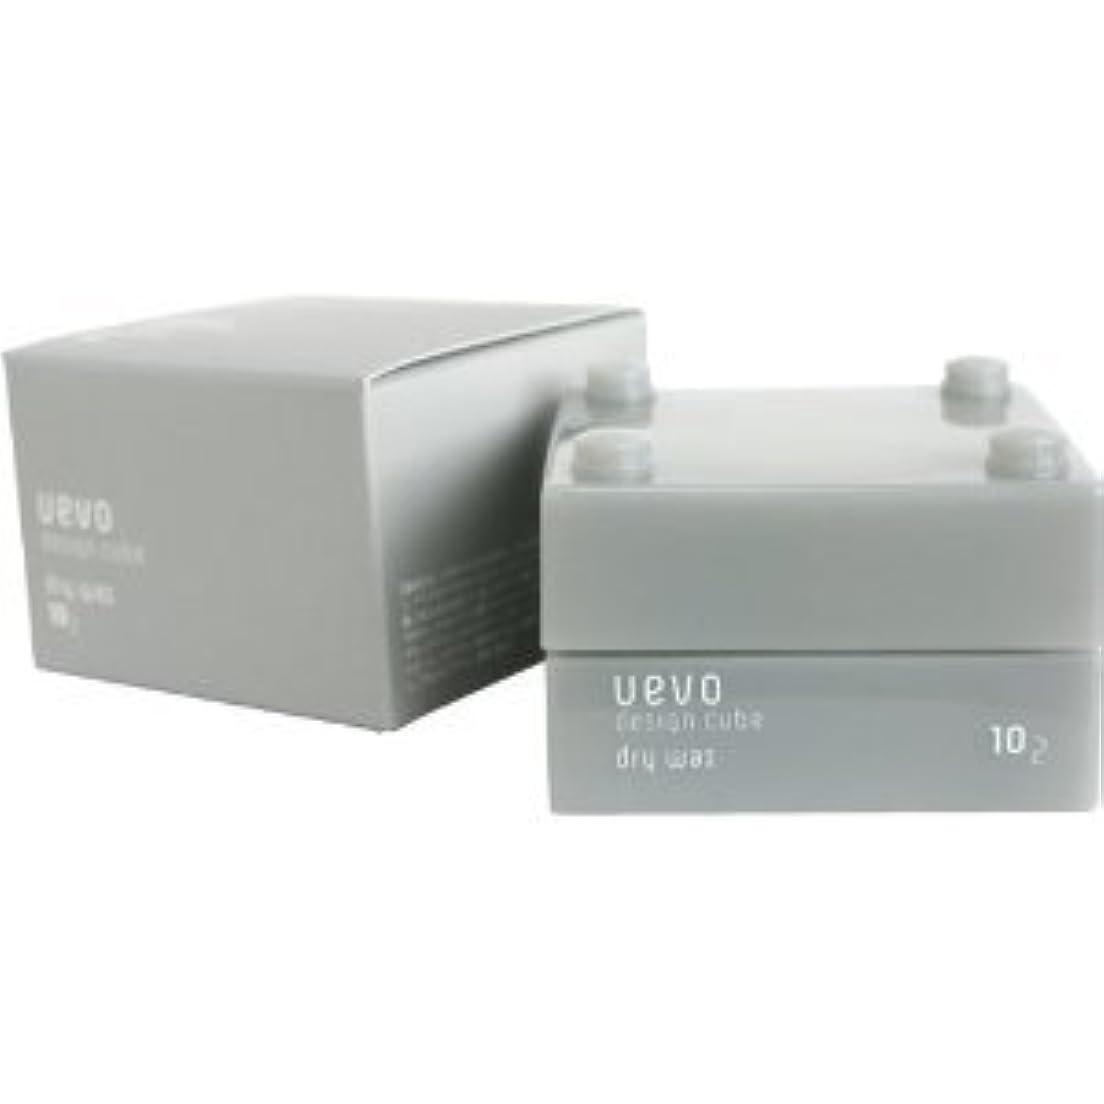 ヒゲクジラ緩やかなセンチメートル【X3個セット】 デミ ウェーボ デザインキューブ ドライワックス 30g dry wax DEMI uevo design cube